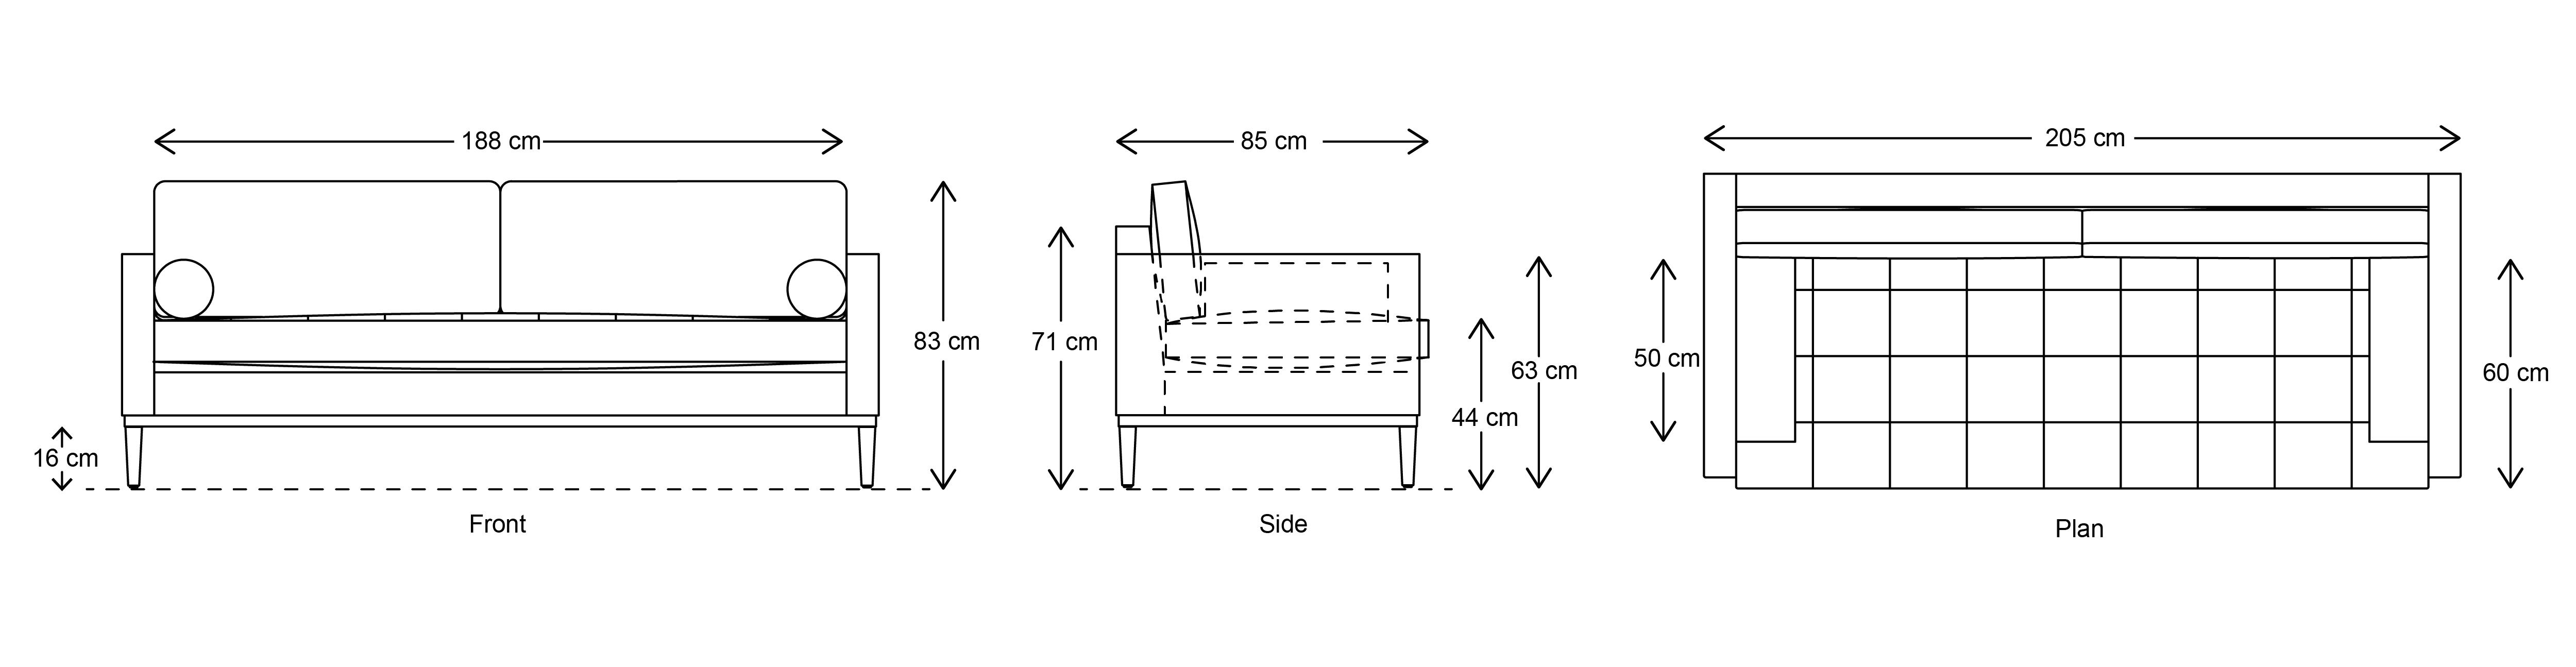 Model 02 3 Seater Sofa Dimensions Drawings